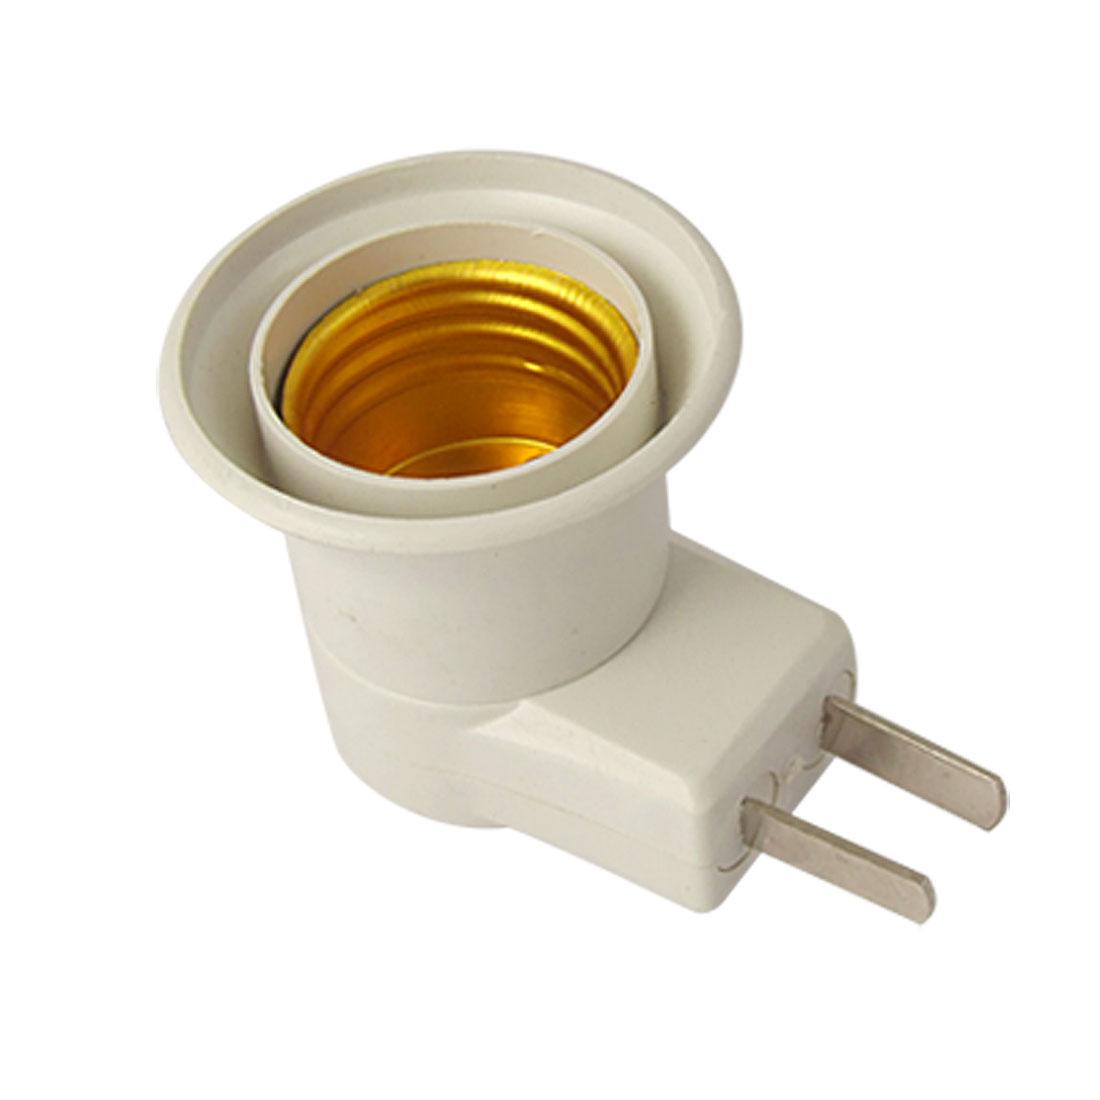 2 Pin AU US Plug AC 220V 4A E27 Light Lamp Bulb Socket White